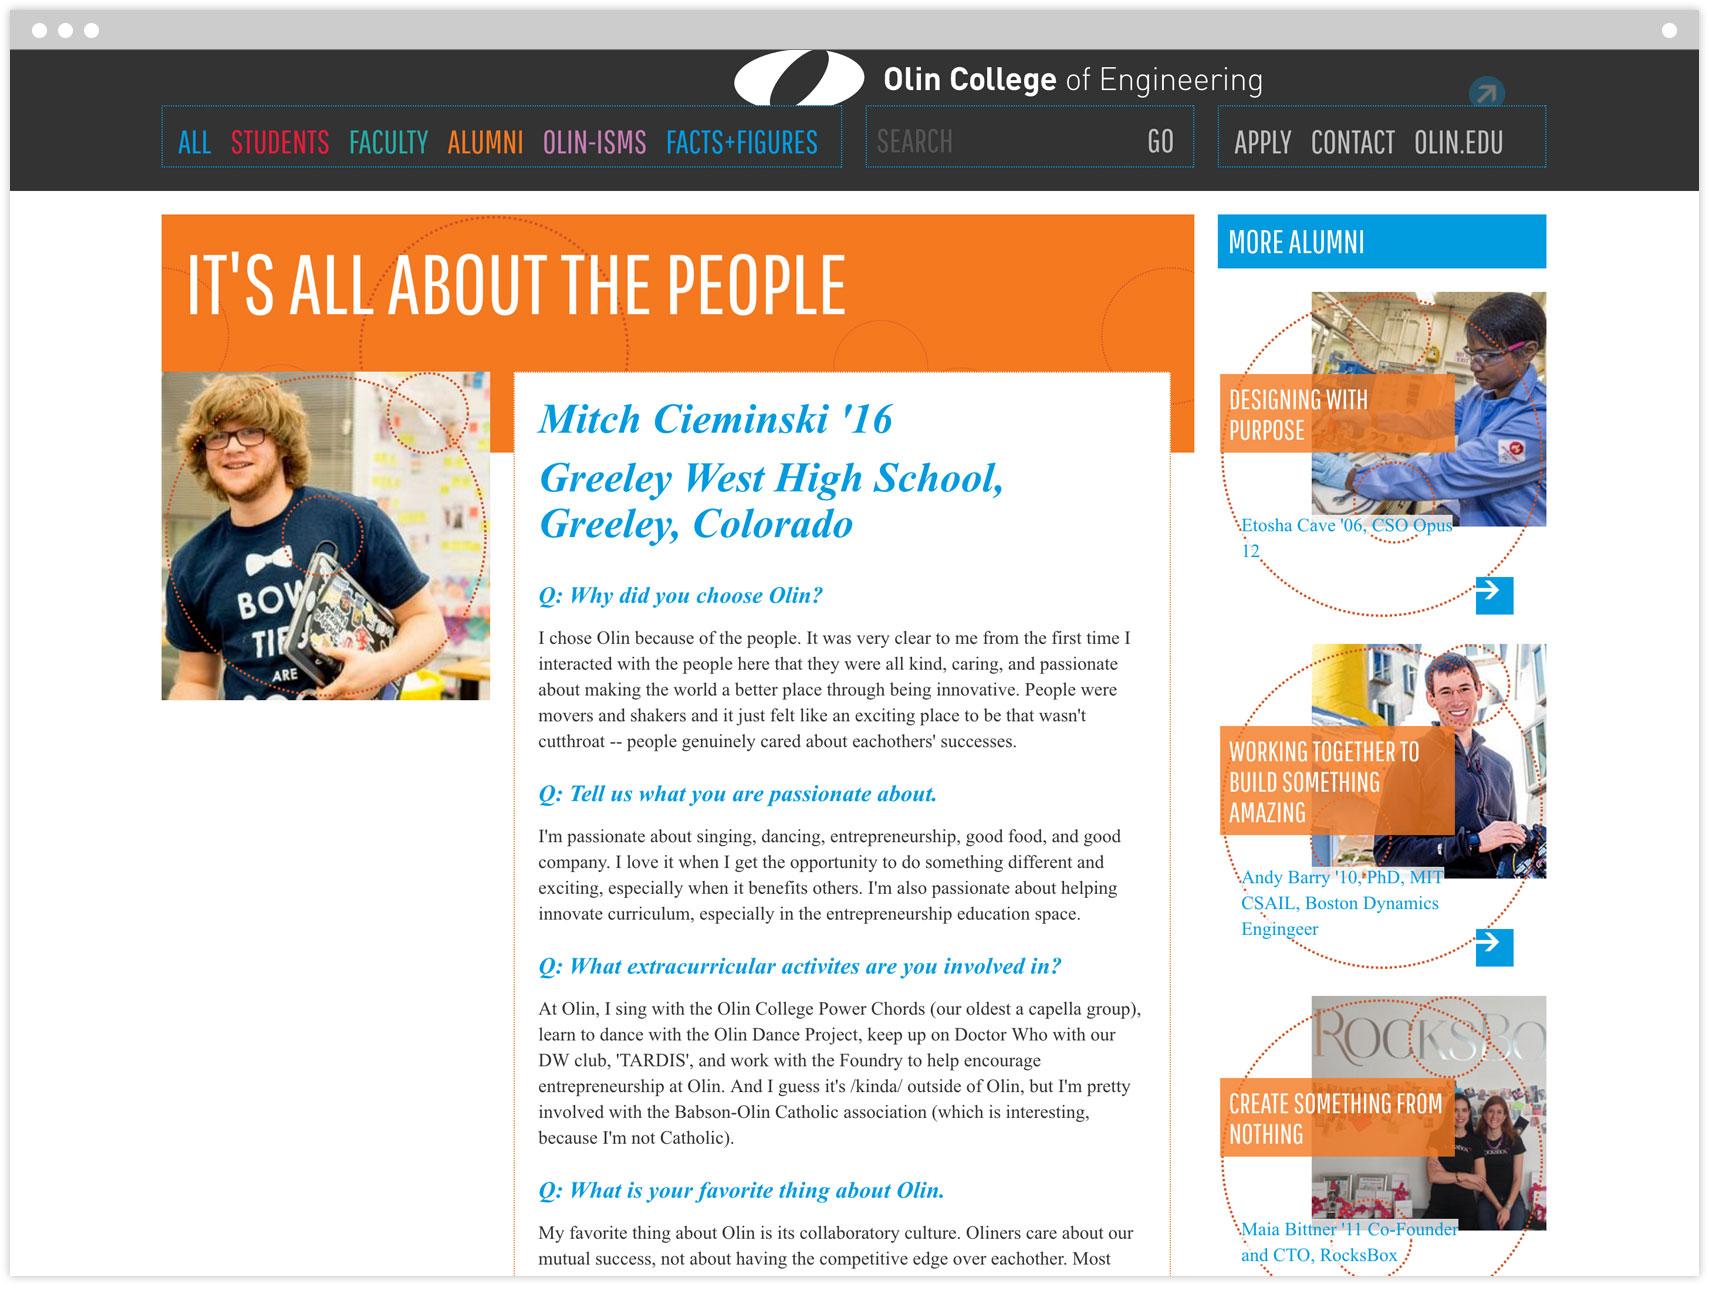 Microsite student profile